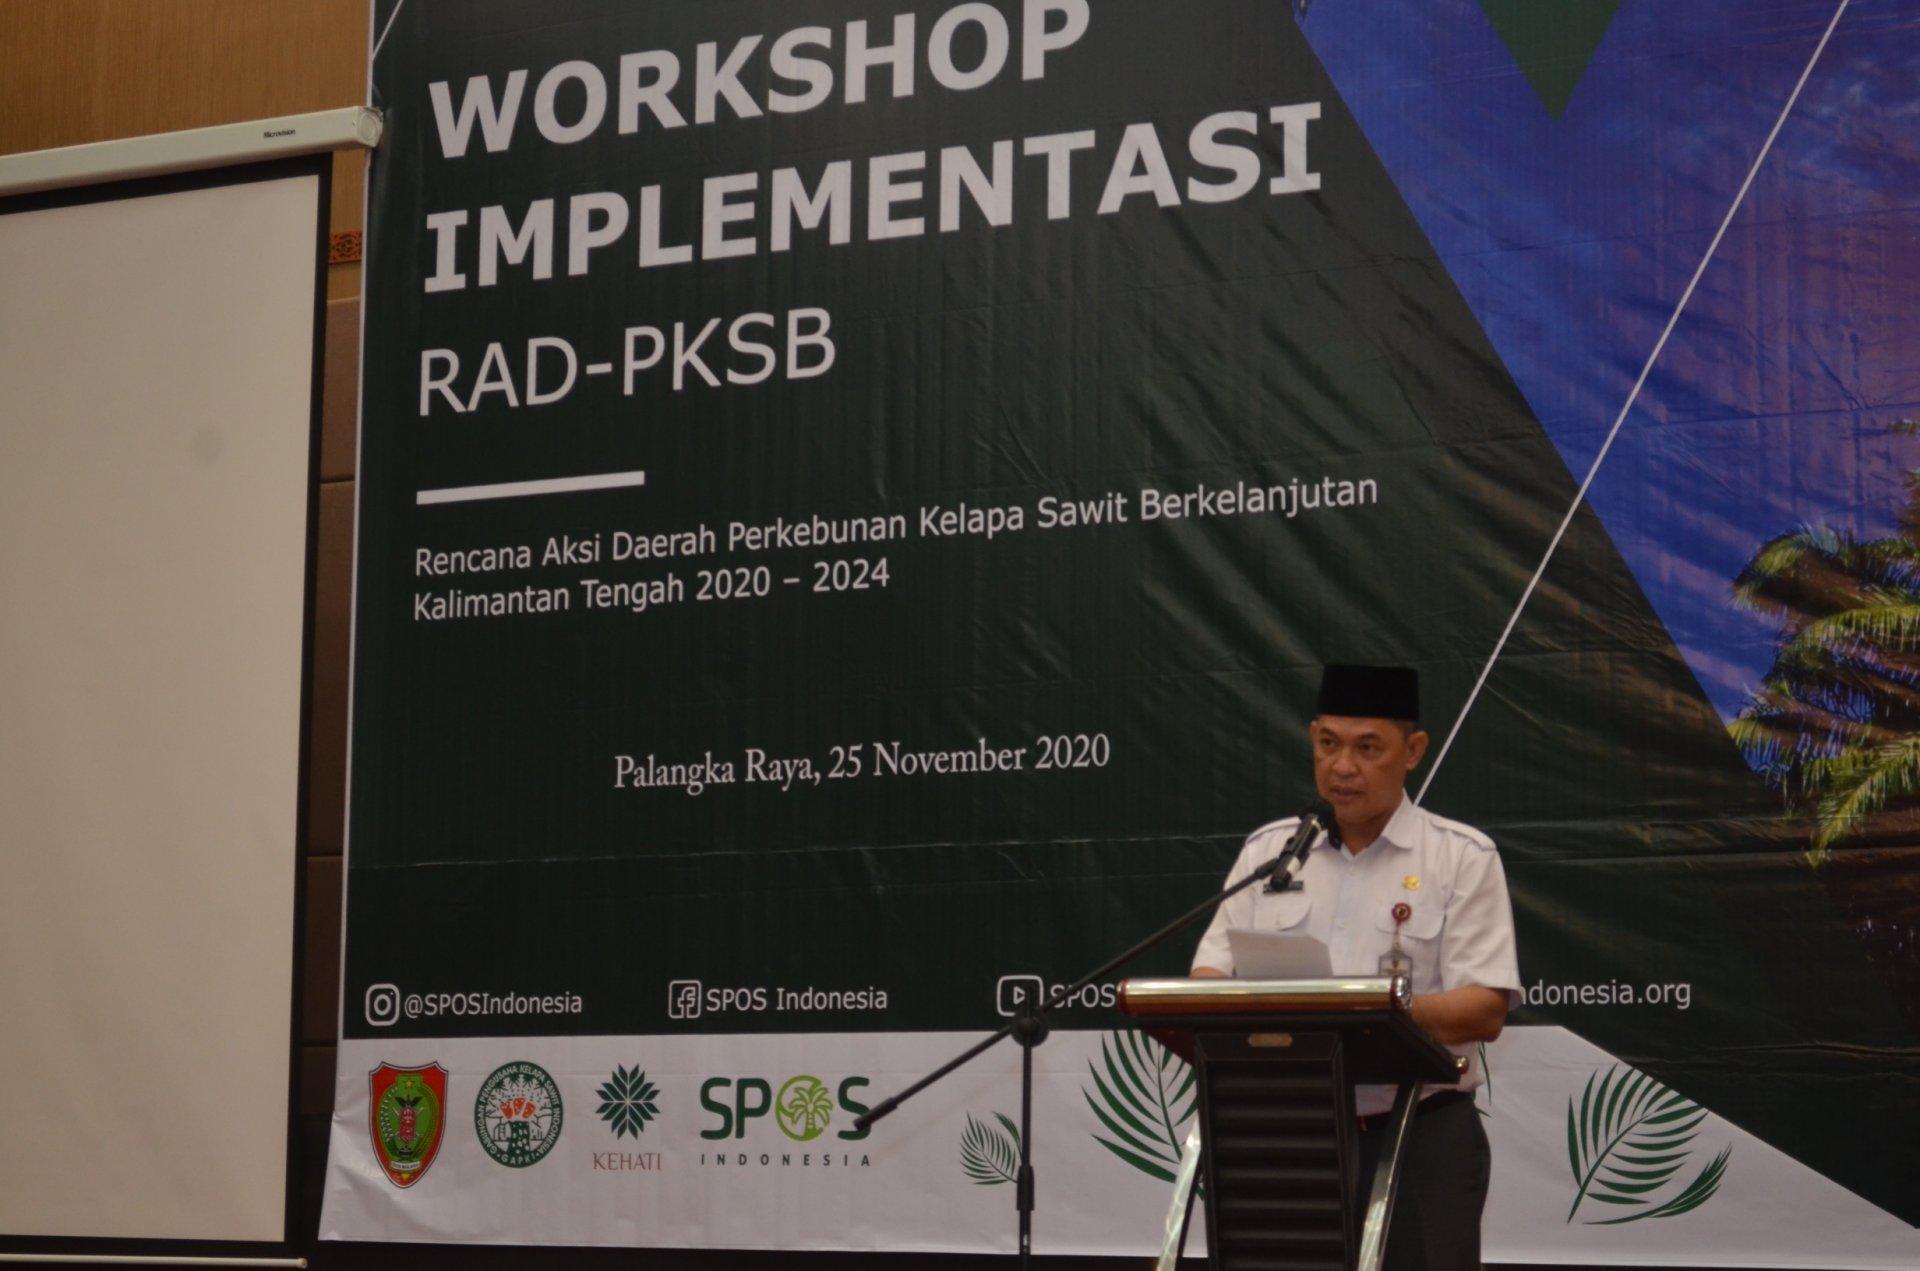 Pemprov Kalteng Dukung Implementasi Rencana Aksi Soal Perkebunan Kelapa Sawit Berkelanjutan